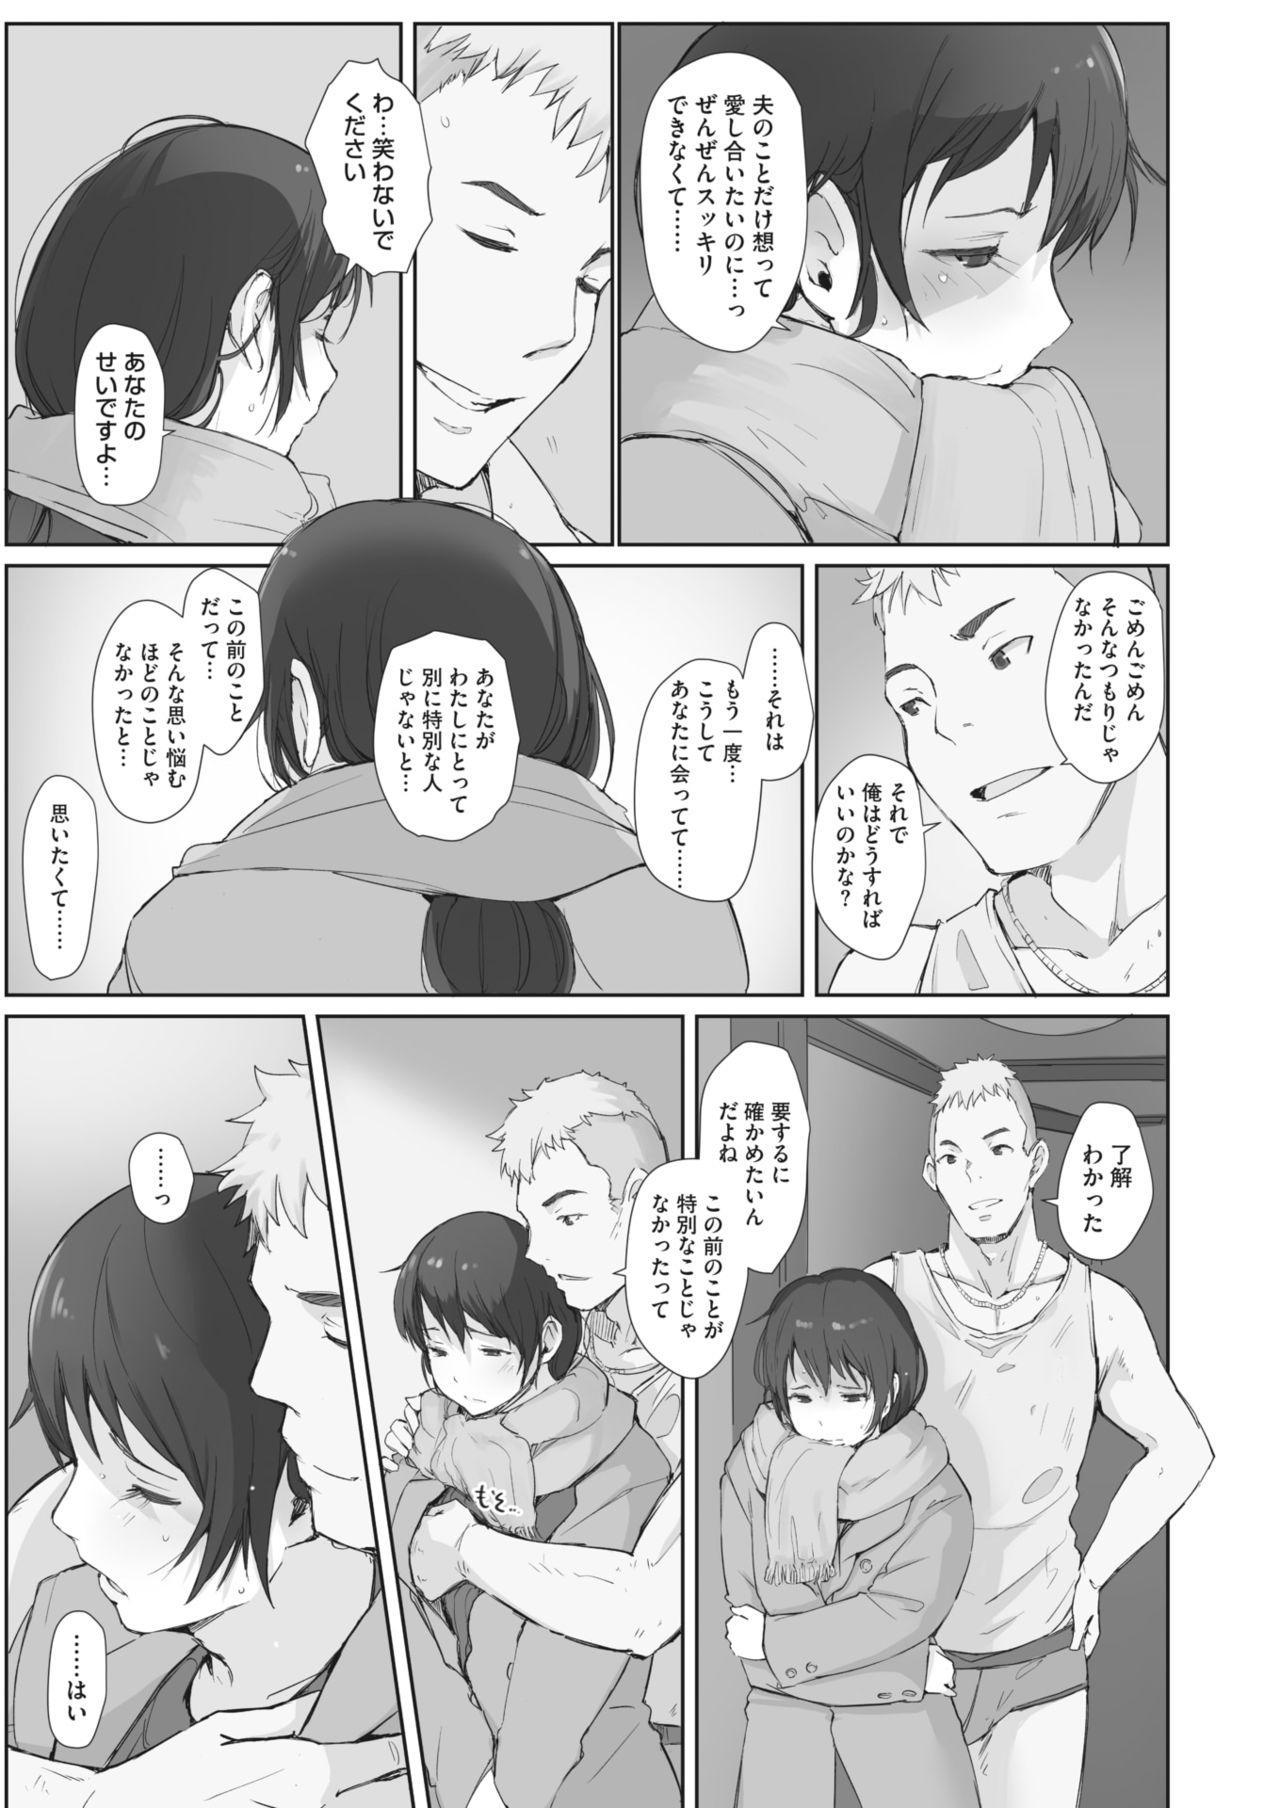 Kawa no Tsumetasa wa Haru no Otozure 1-4 78